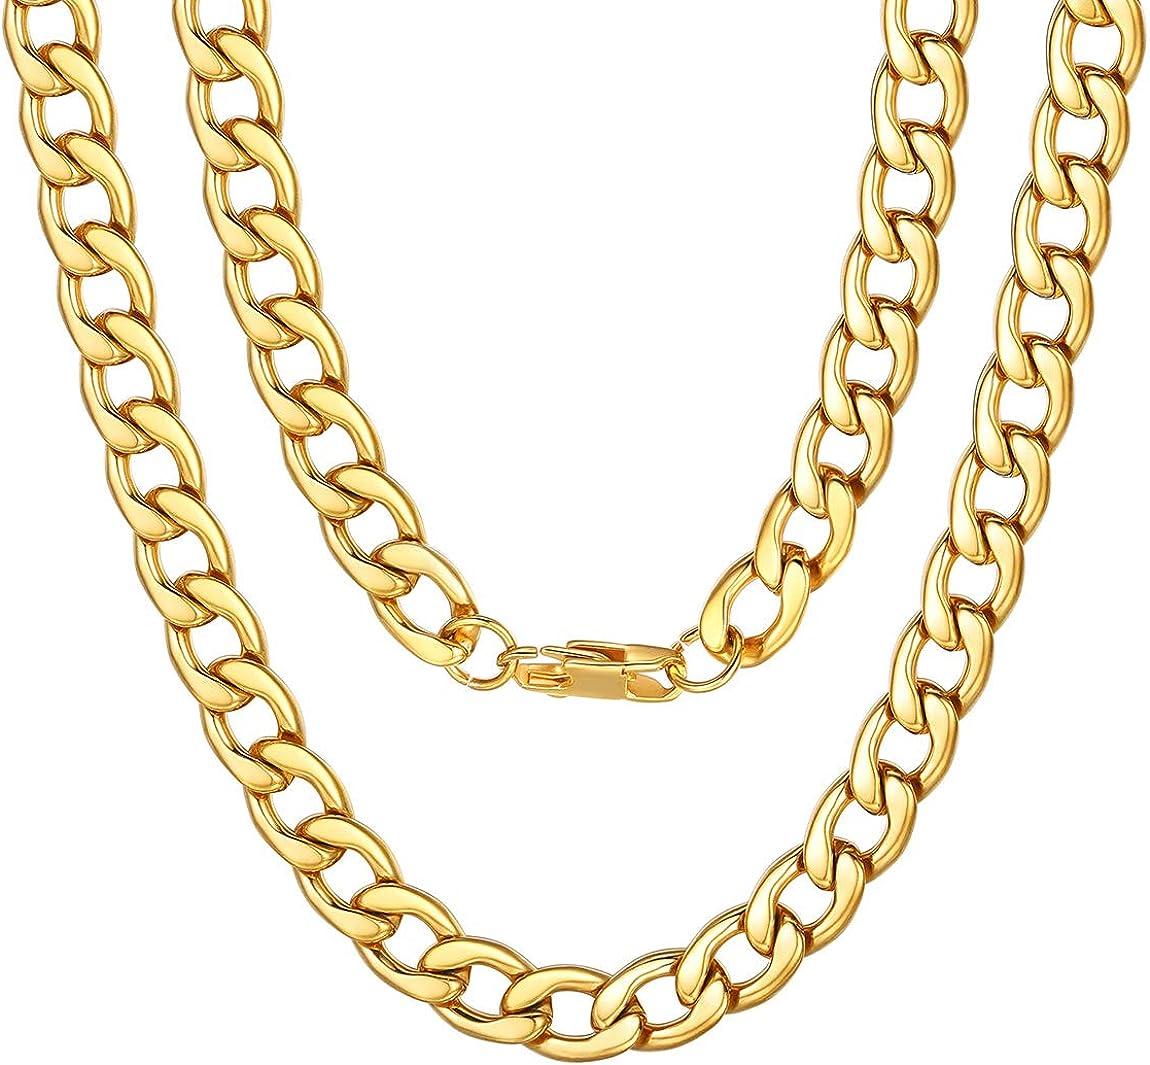 ChainsPro Collar con Cadena de Eslabones Redondos Curb Chain, Joyería Personalizable De Acero Inoxidable Liso Tres Colores, 5/9/12/15 MM Ancho 46/51/55/61/66/71/76 CM Largo (Ofrecer Servicio Grabado)